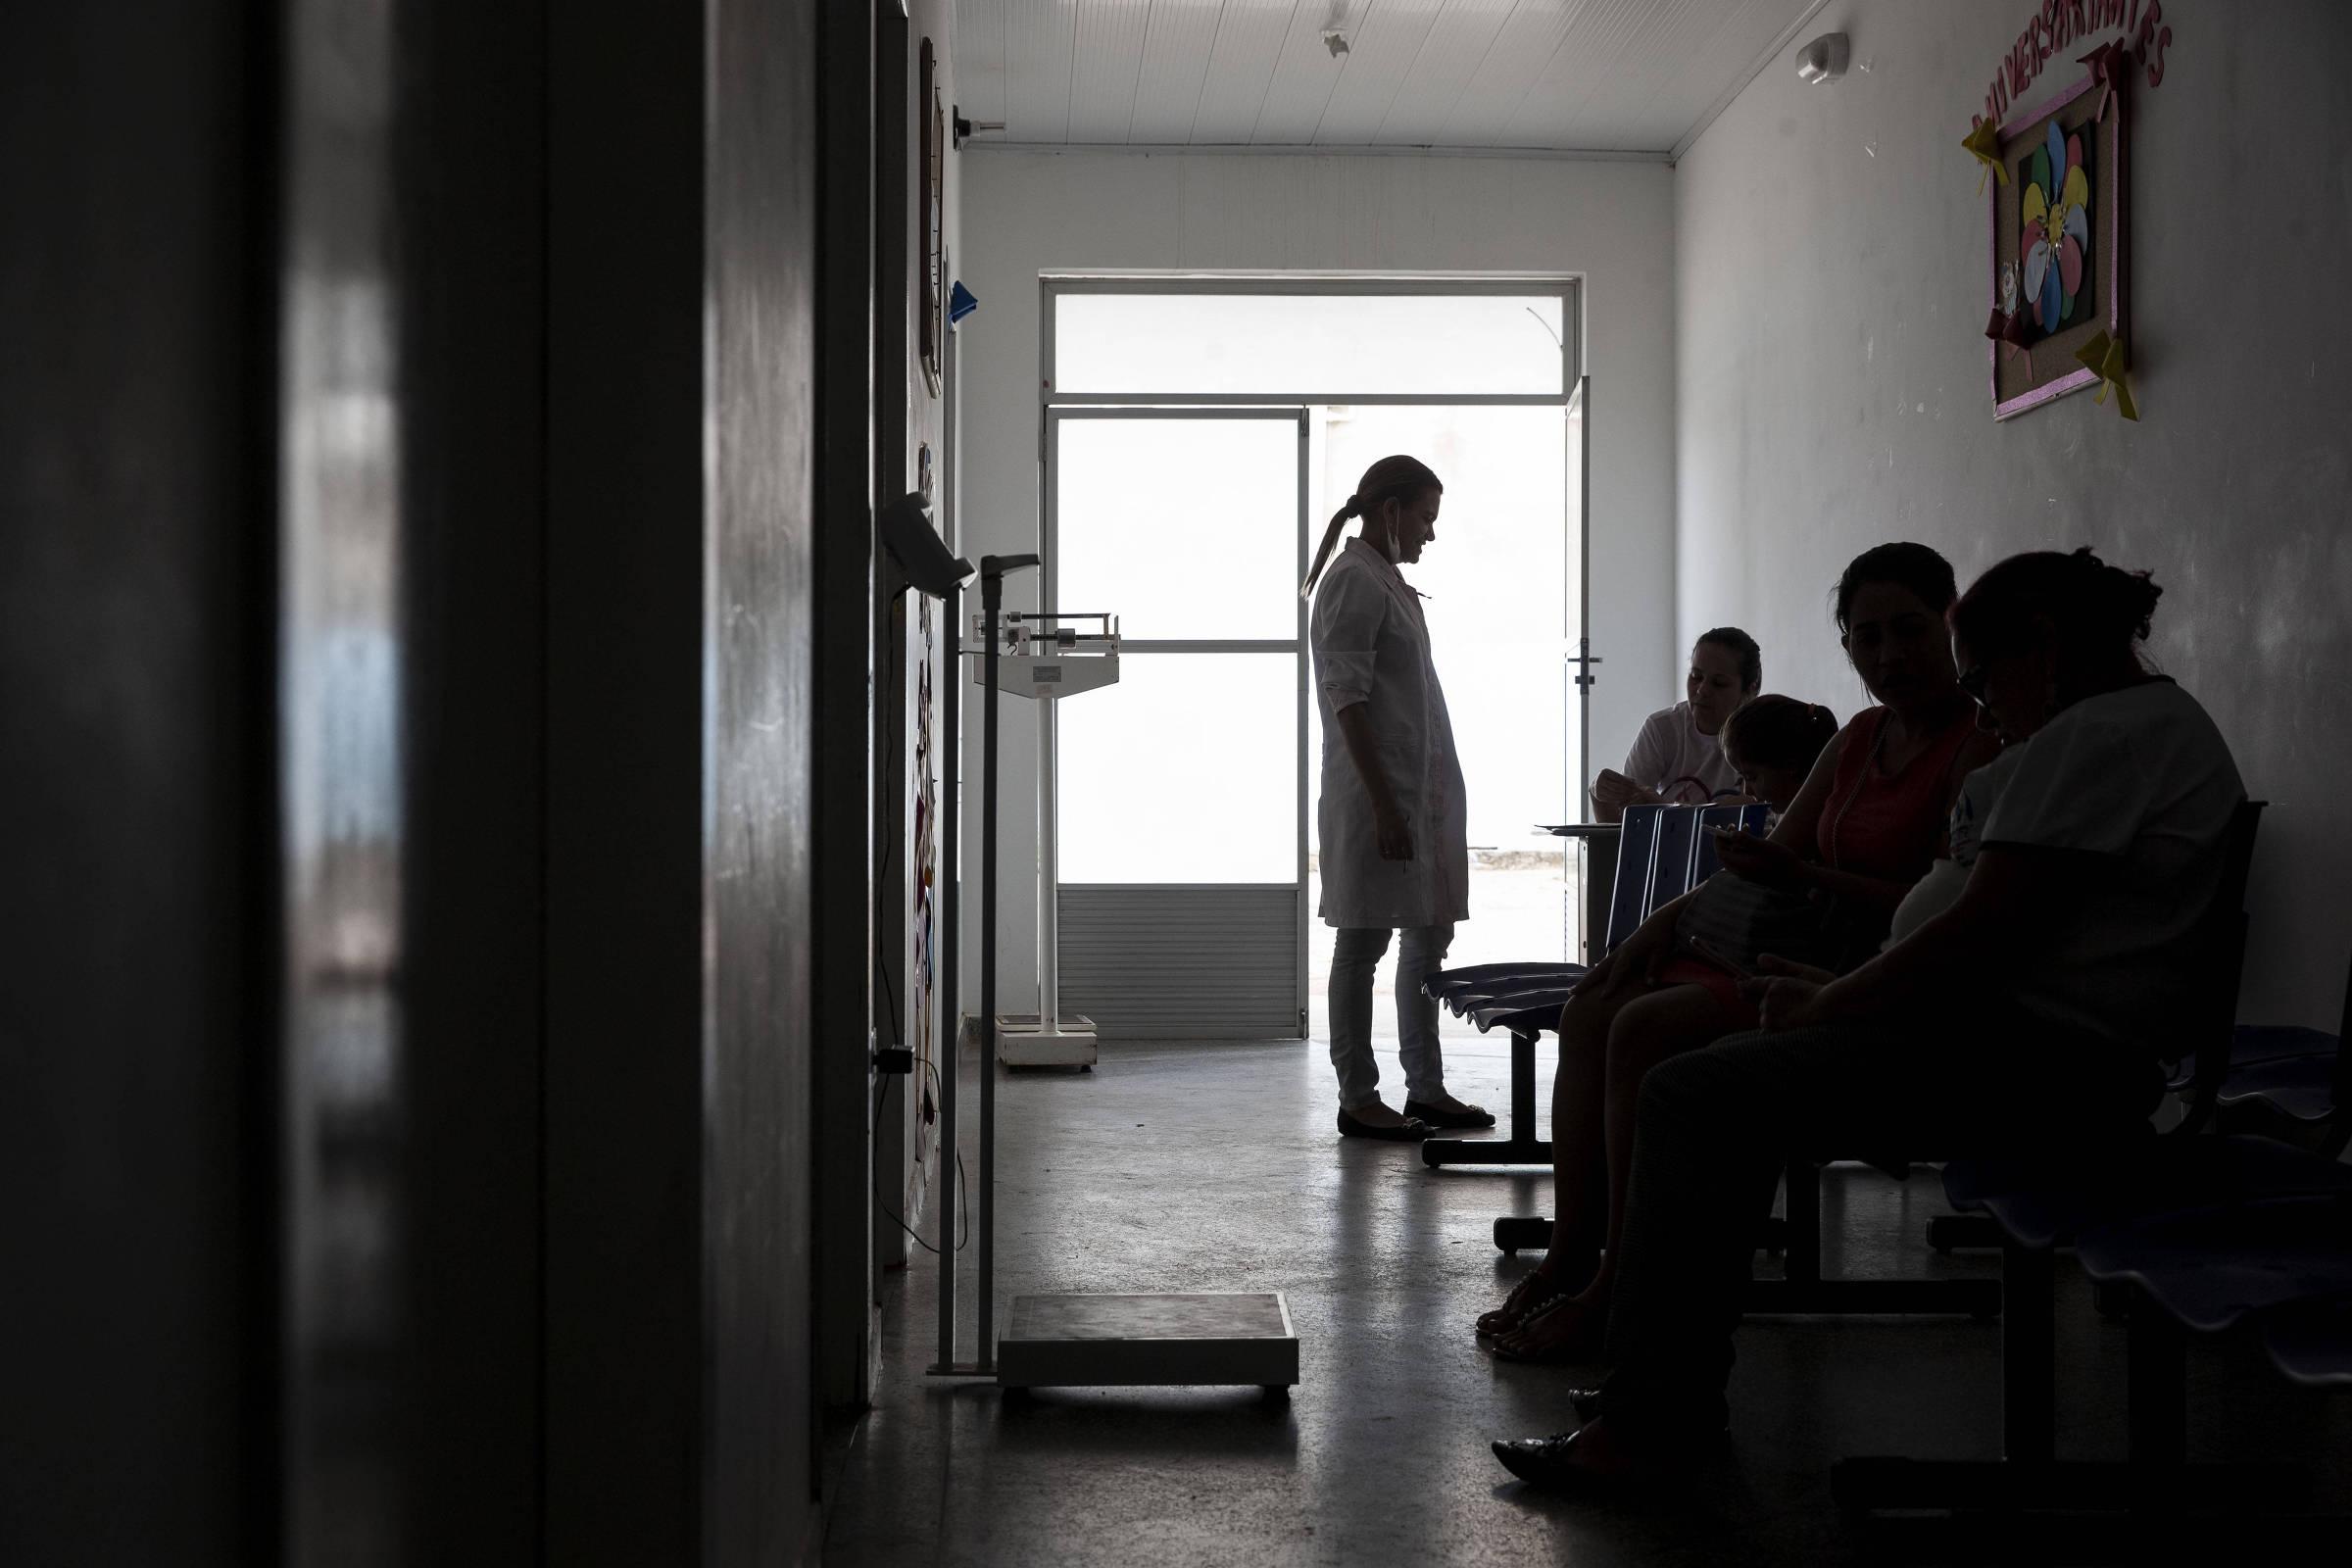 Aposta do Mais Médicos, residência em medicina da família tem 70% das vagas  ociosas - 03 12 2018 - Cotidiano - Folha e78c4dee7e